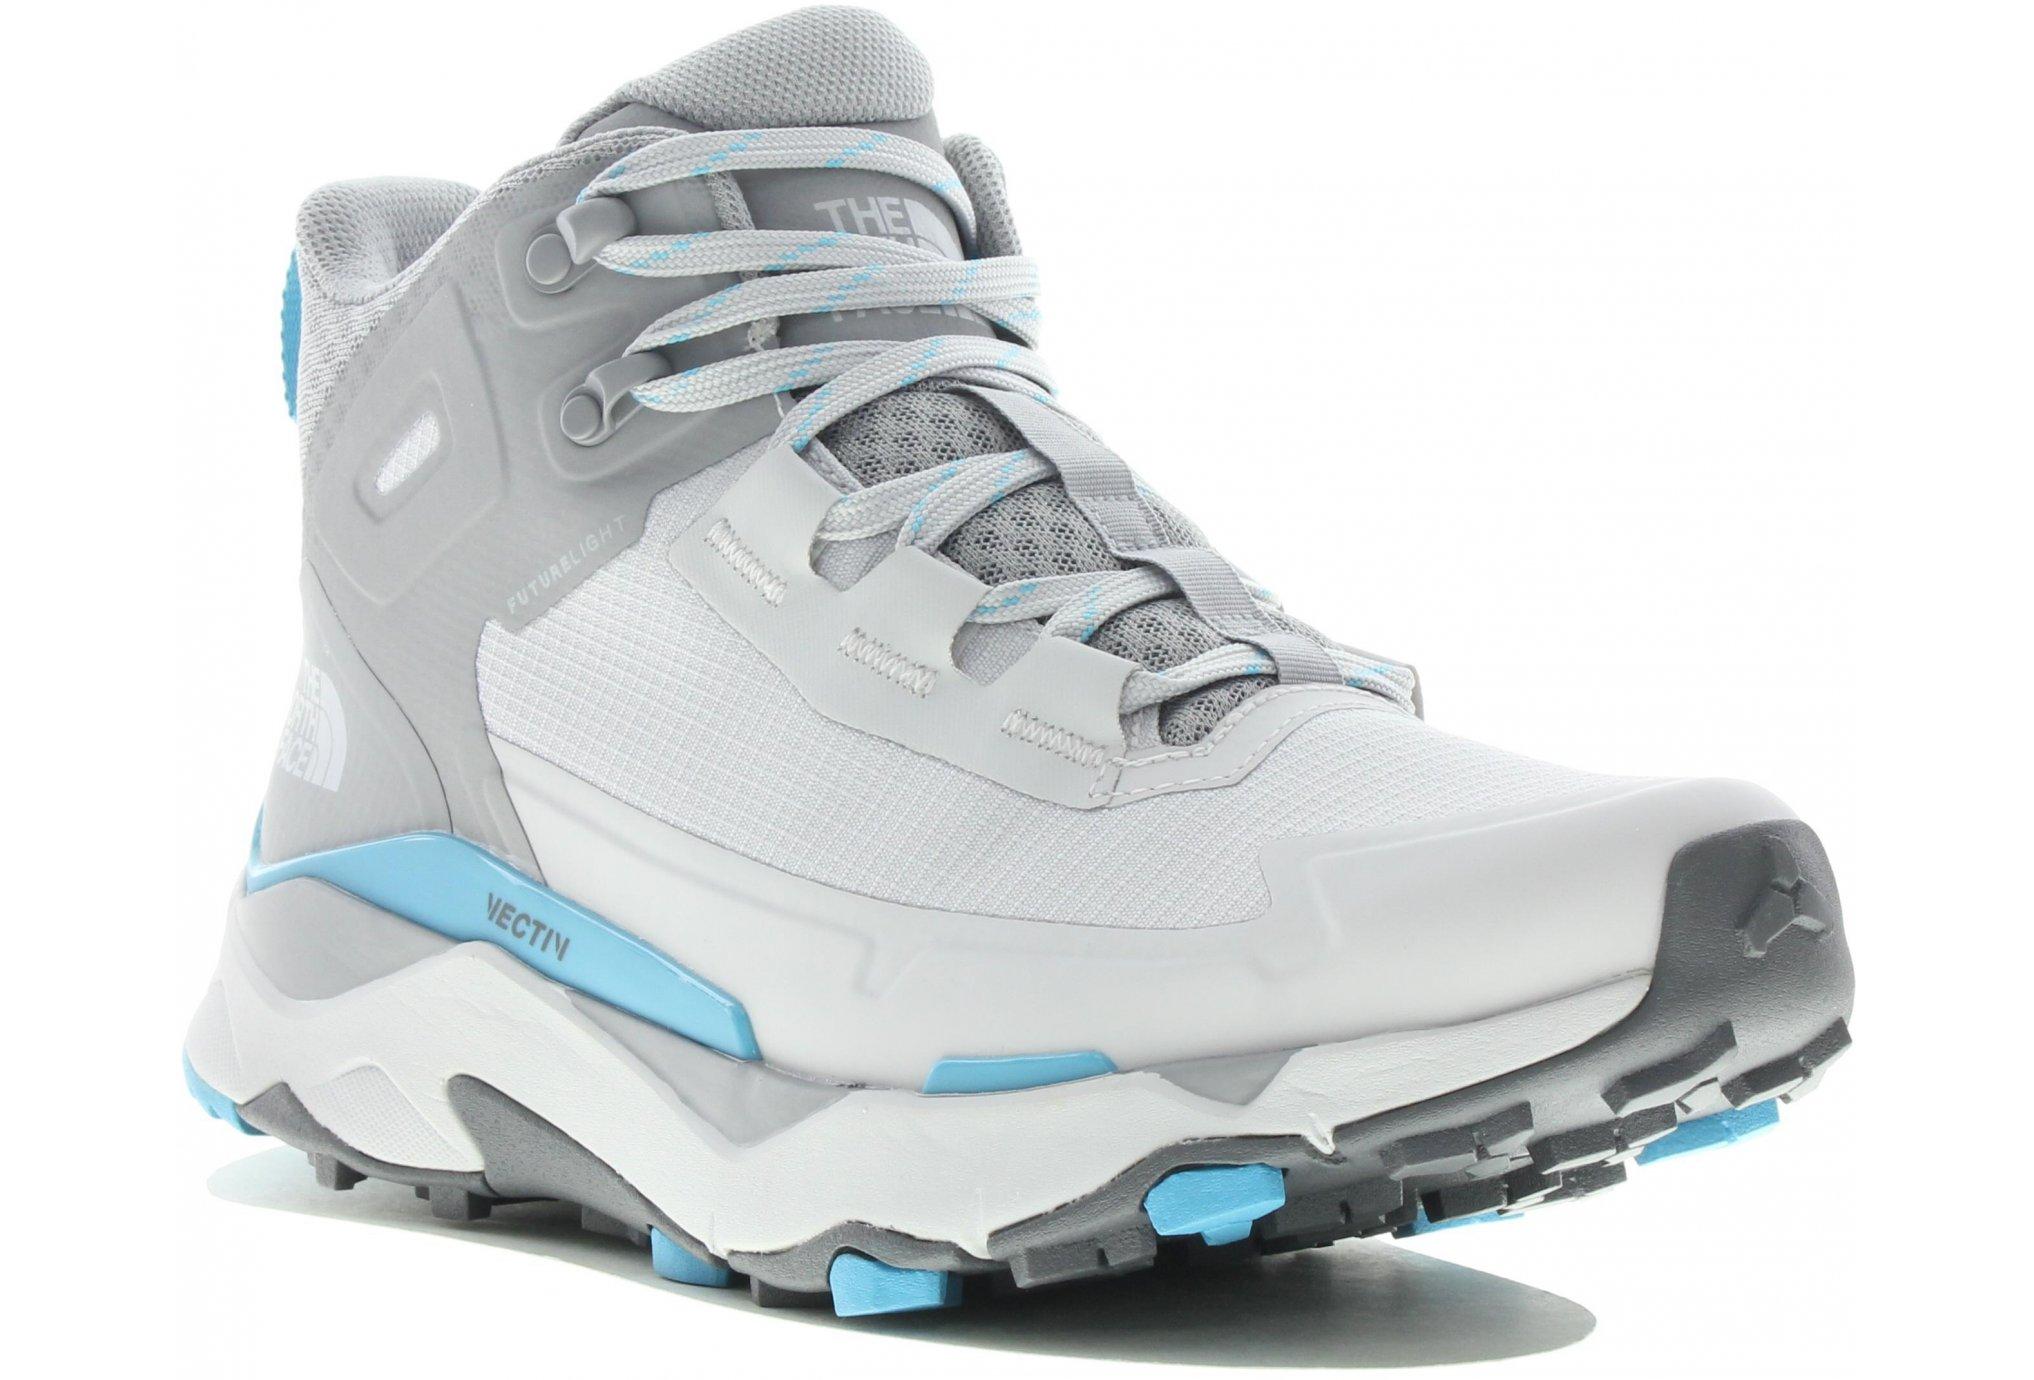 The North Face Vectiv Exploris Mid FutureLight W Diététique Chaussures femme